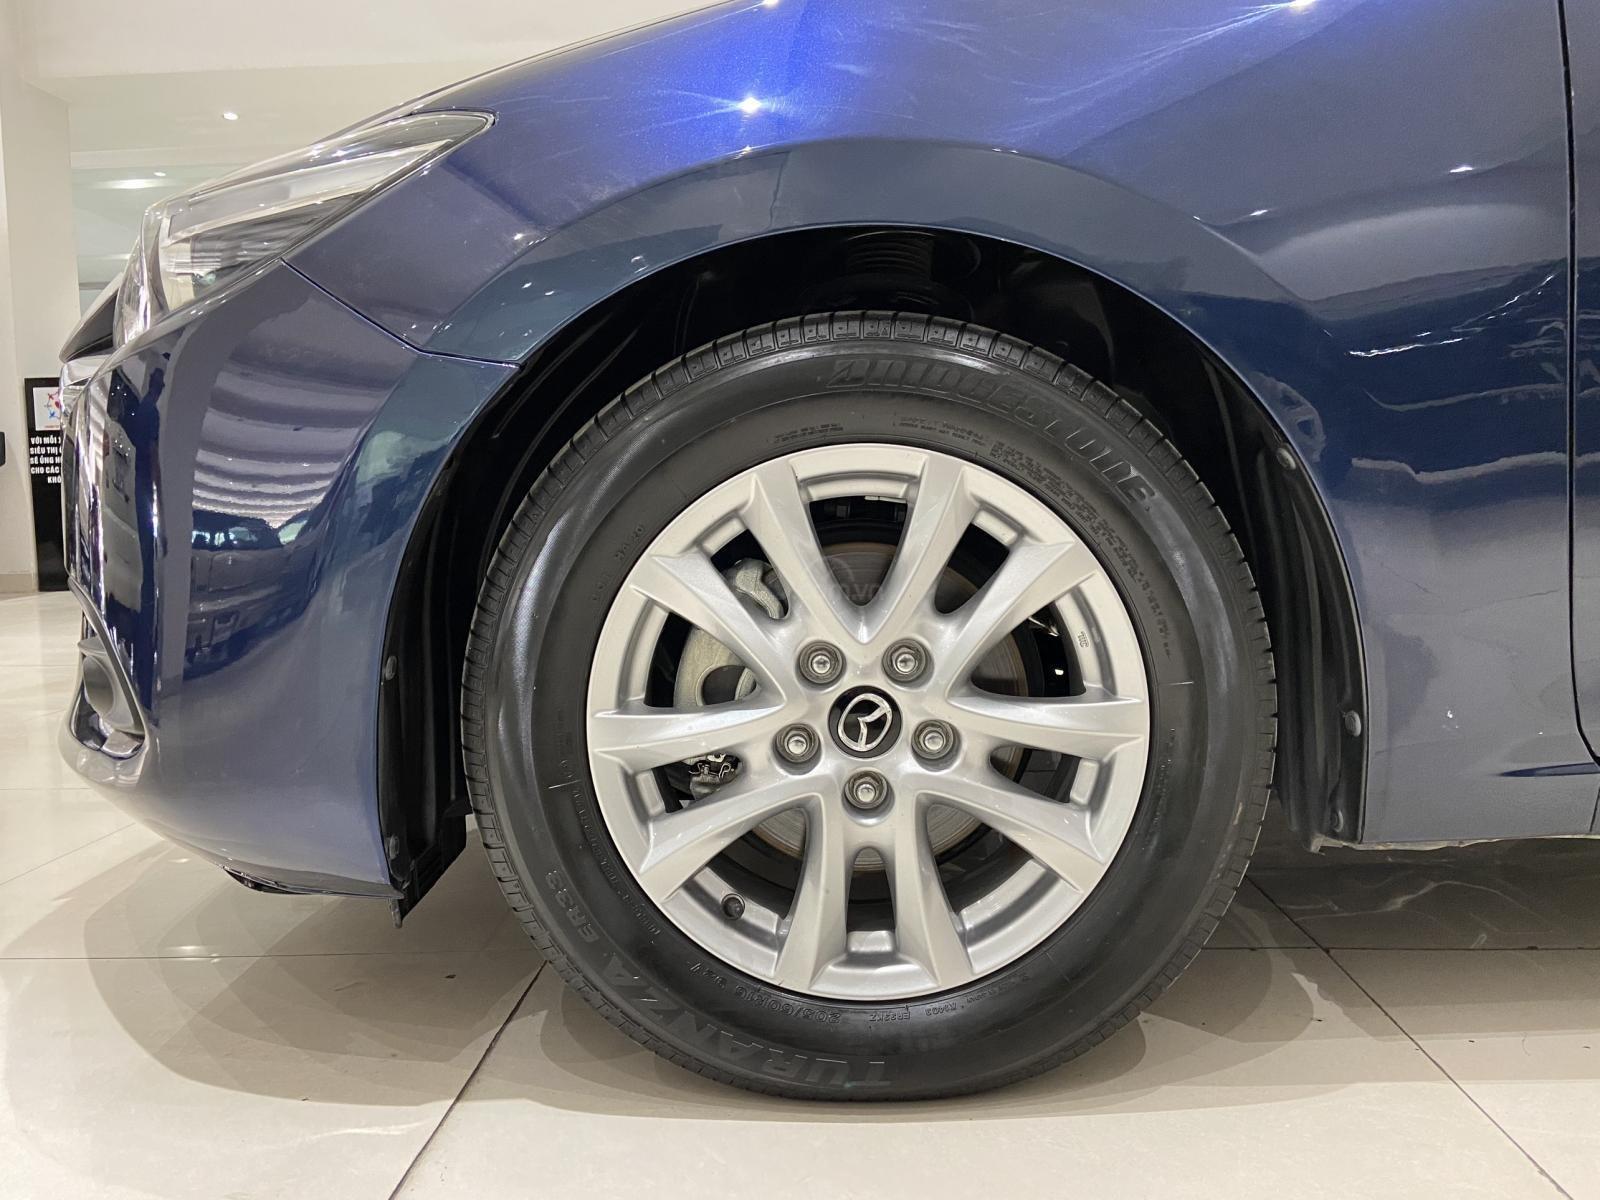 Bán xe Mazda 3 năm sản xuất 2019, xe màu xanh lam, xe gia đình mới đi 25.000 km (13)